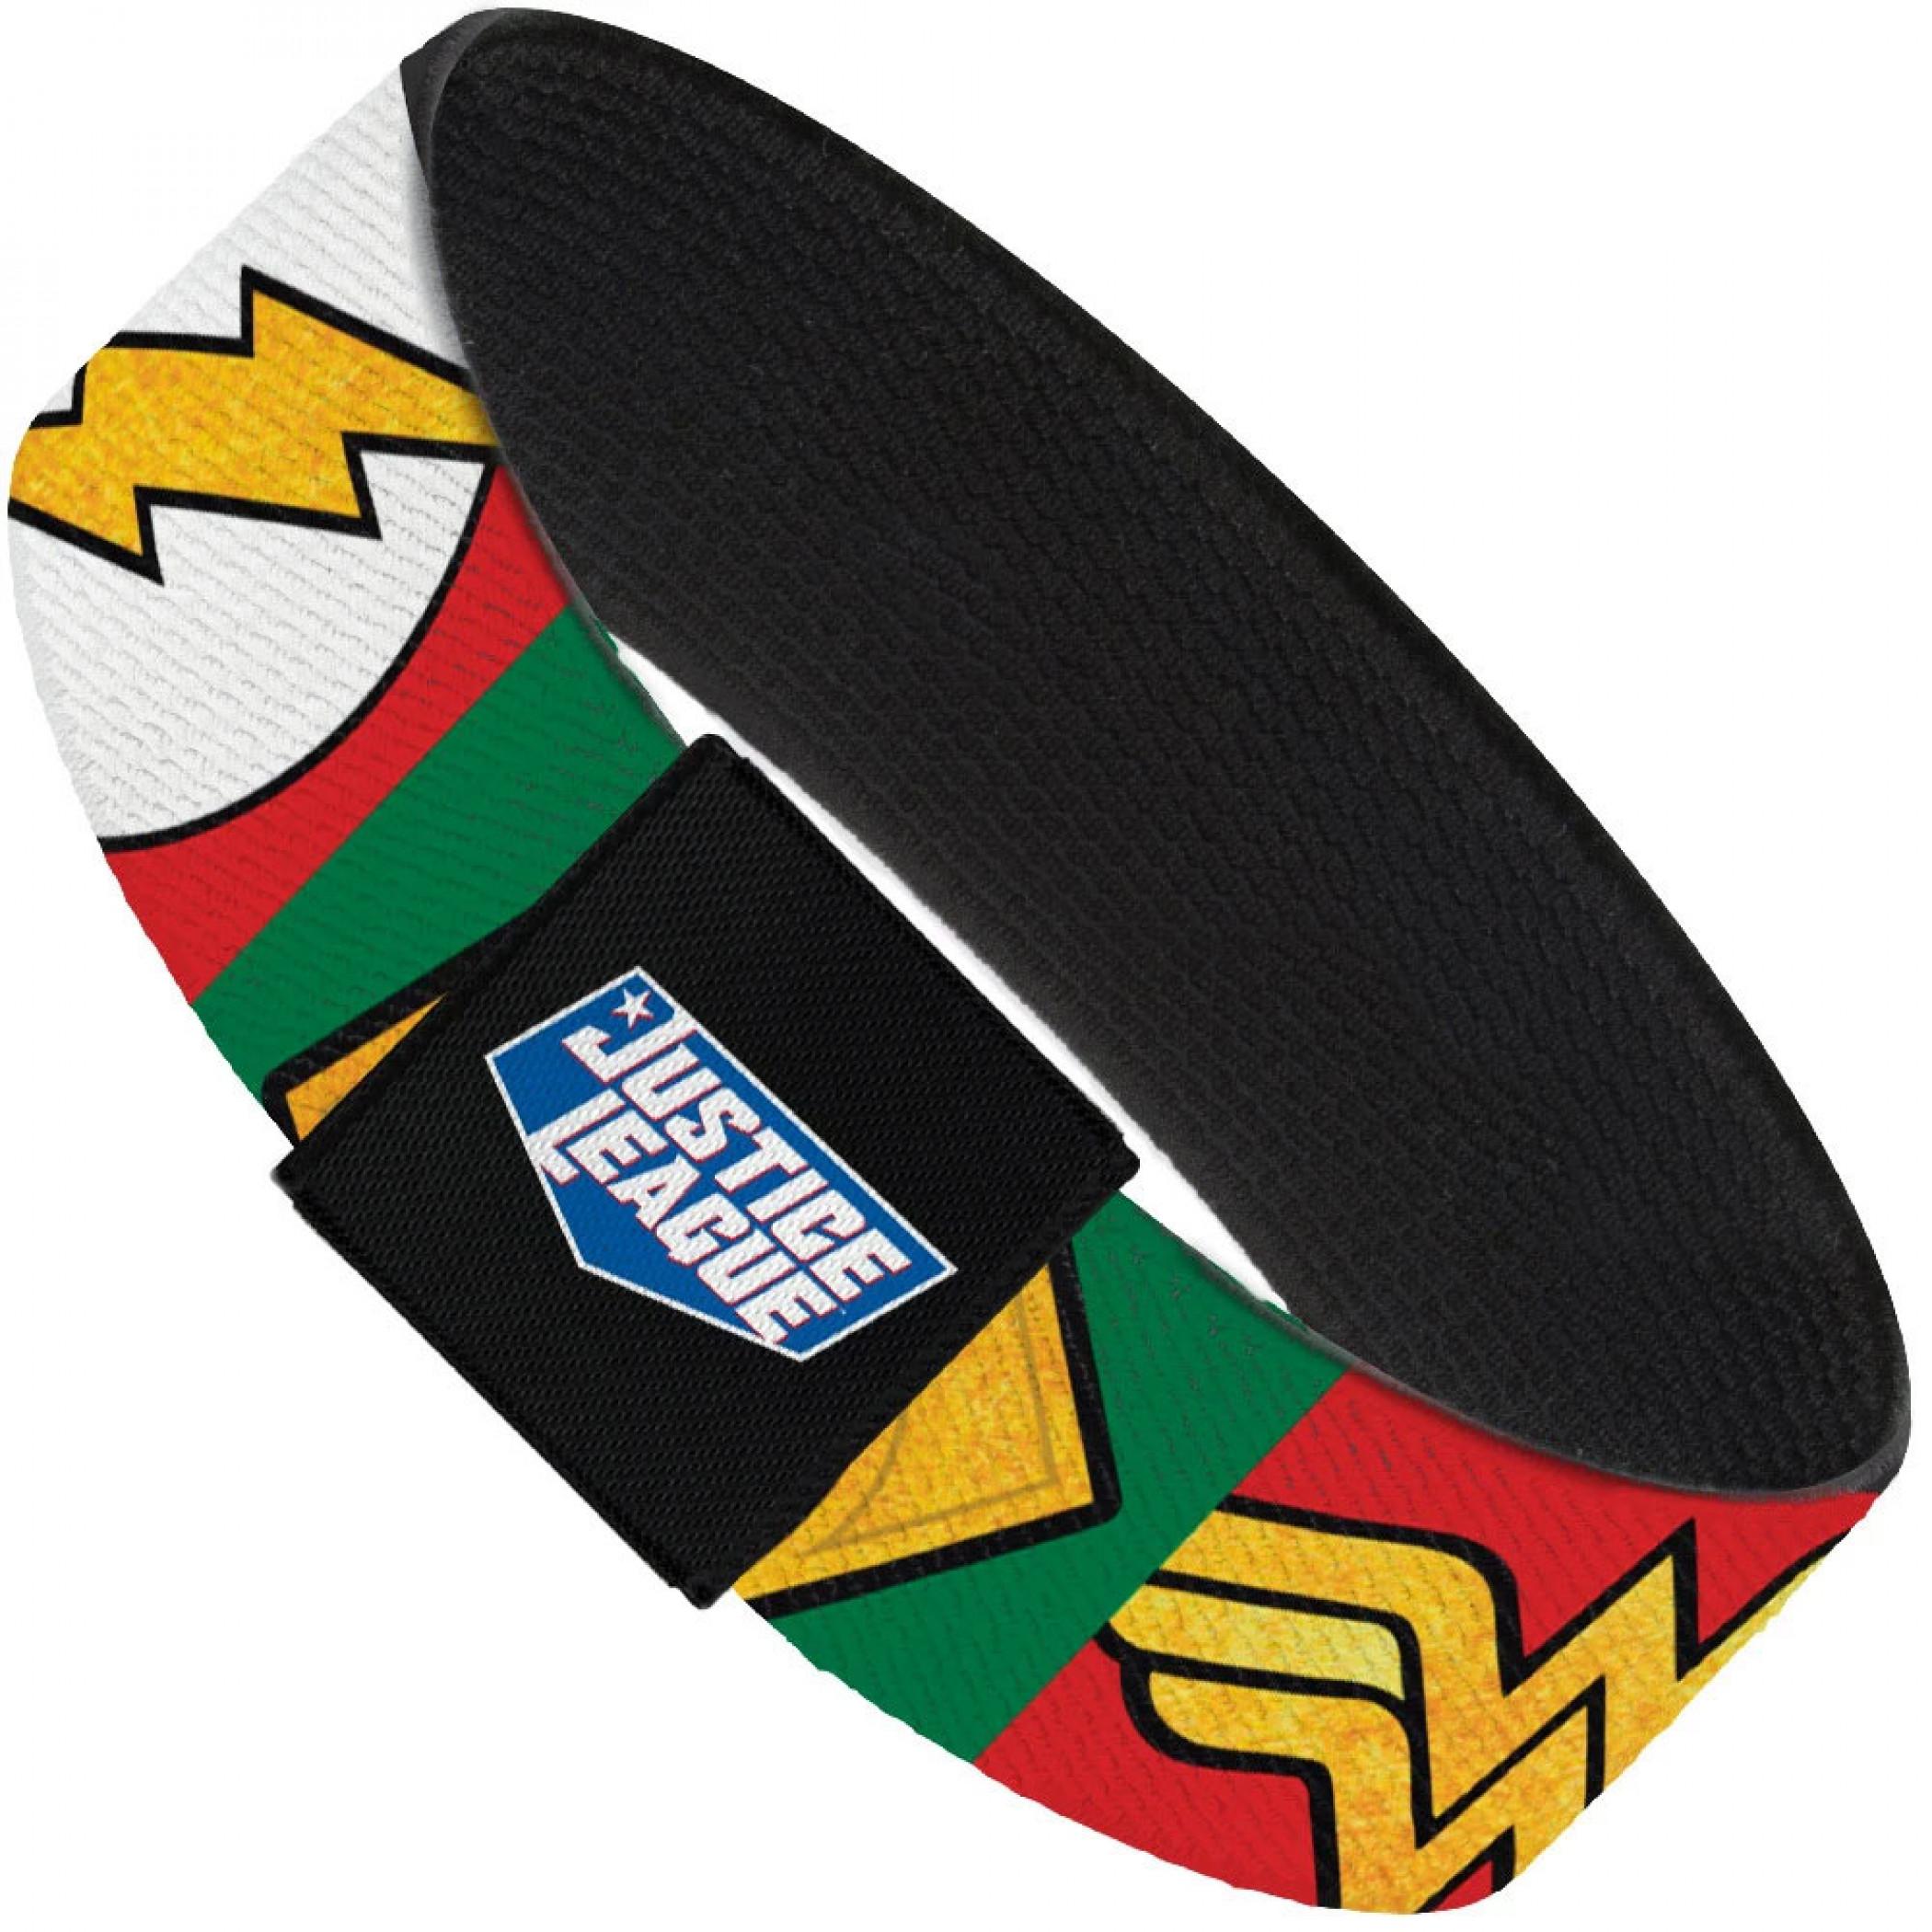 Justice League Elastic Bracelet